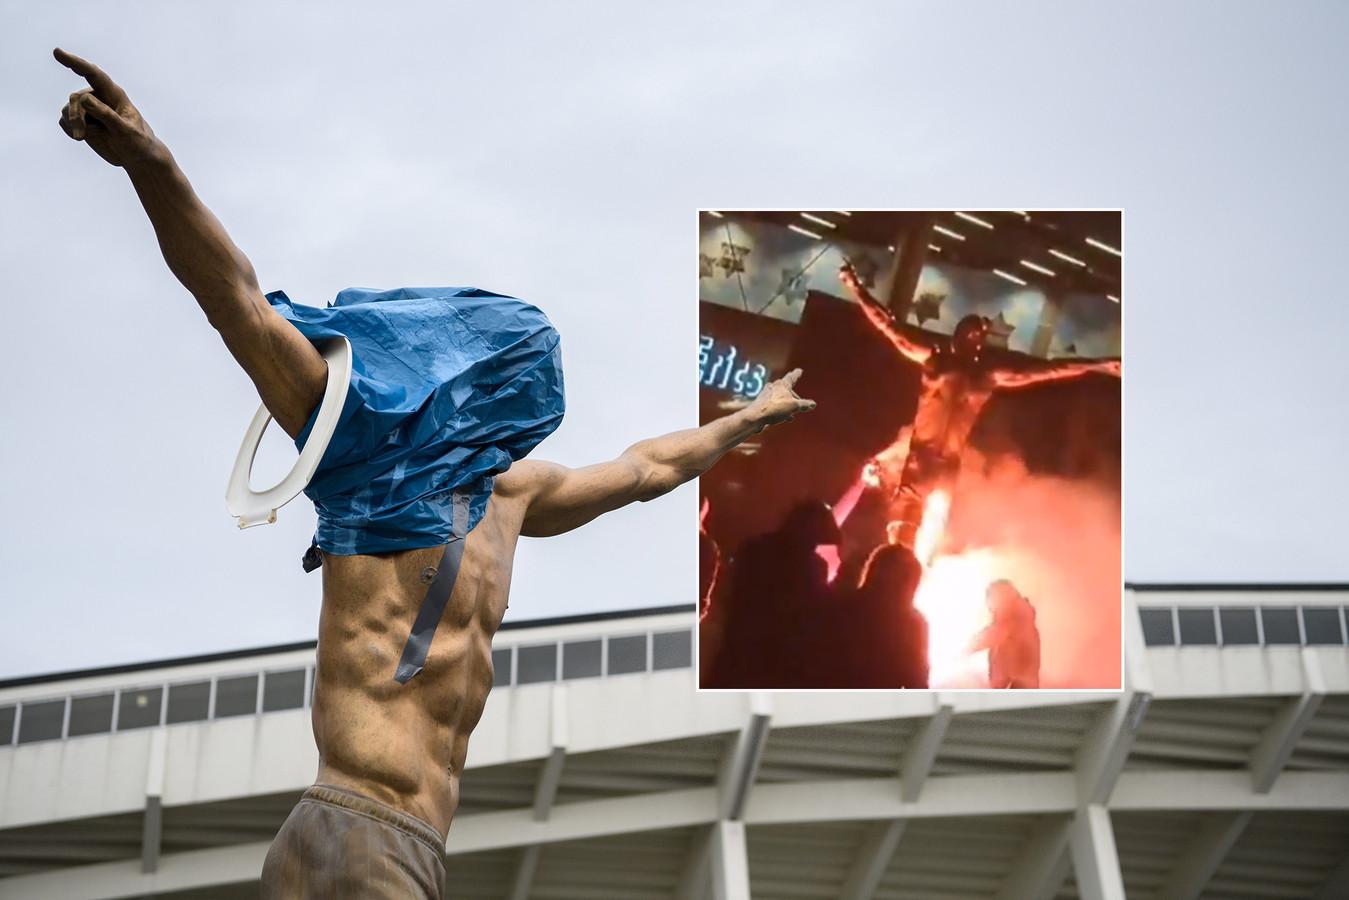 Het al bekladde standbeeld van Zlatan Ibrahimovic werd afgelopen nacht in de fik gestoken.